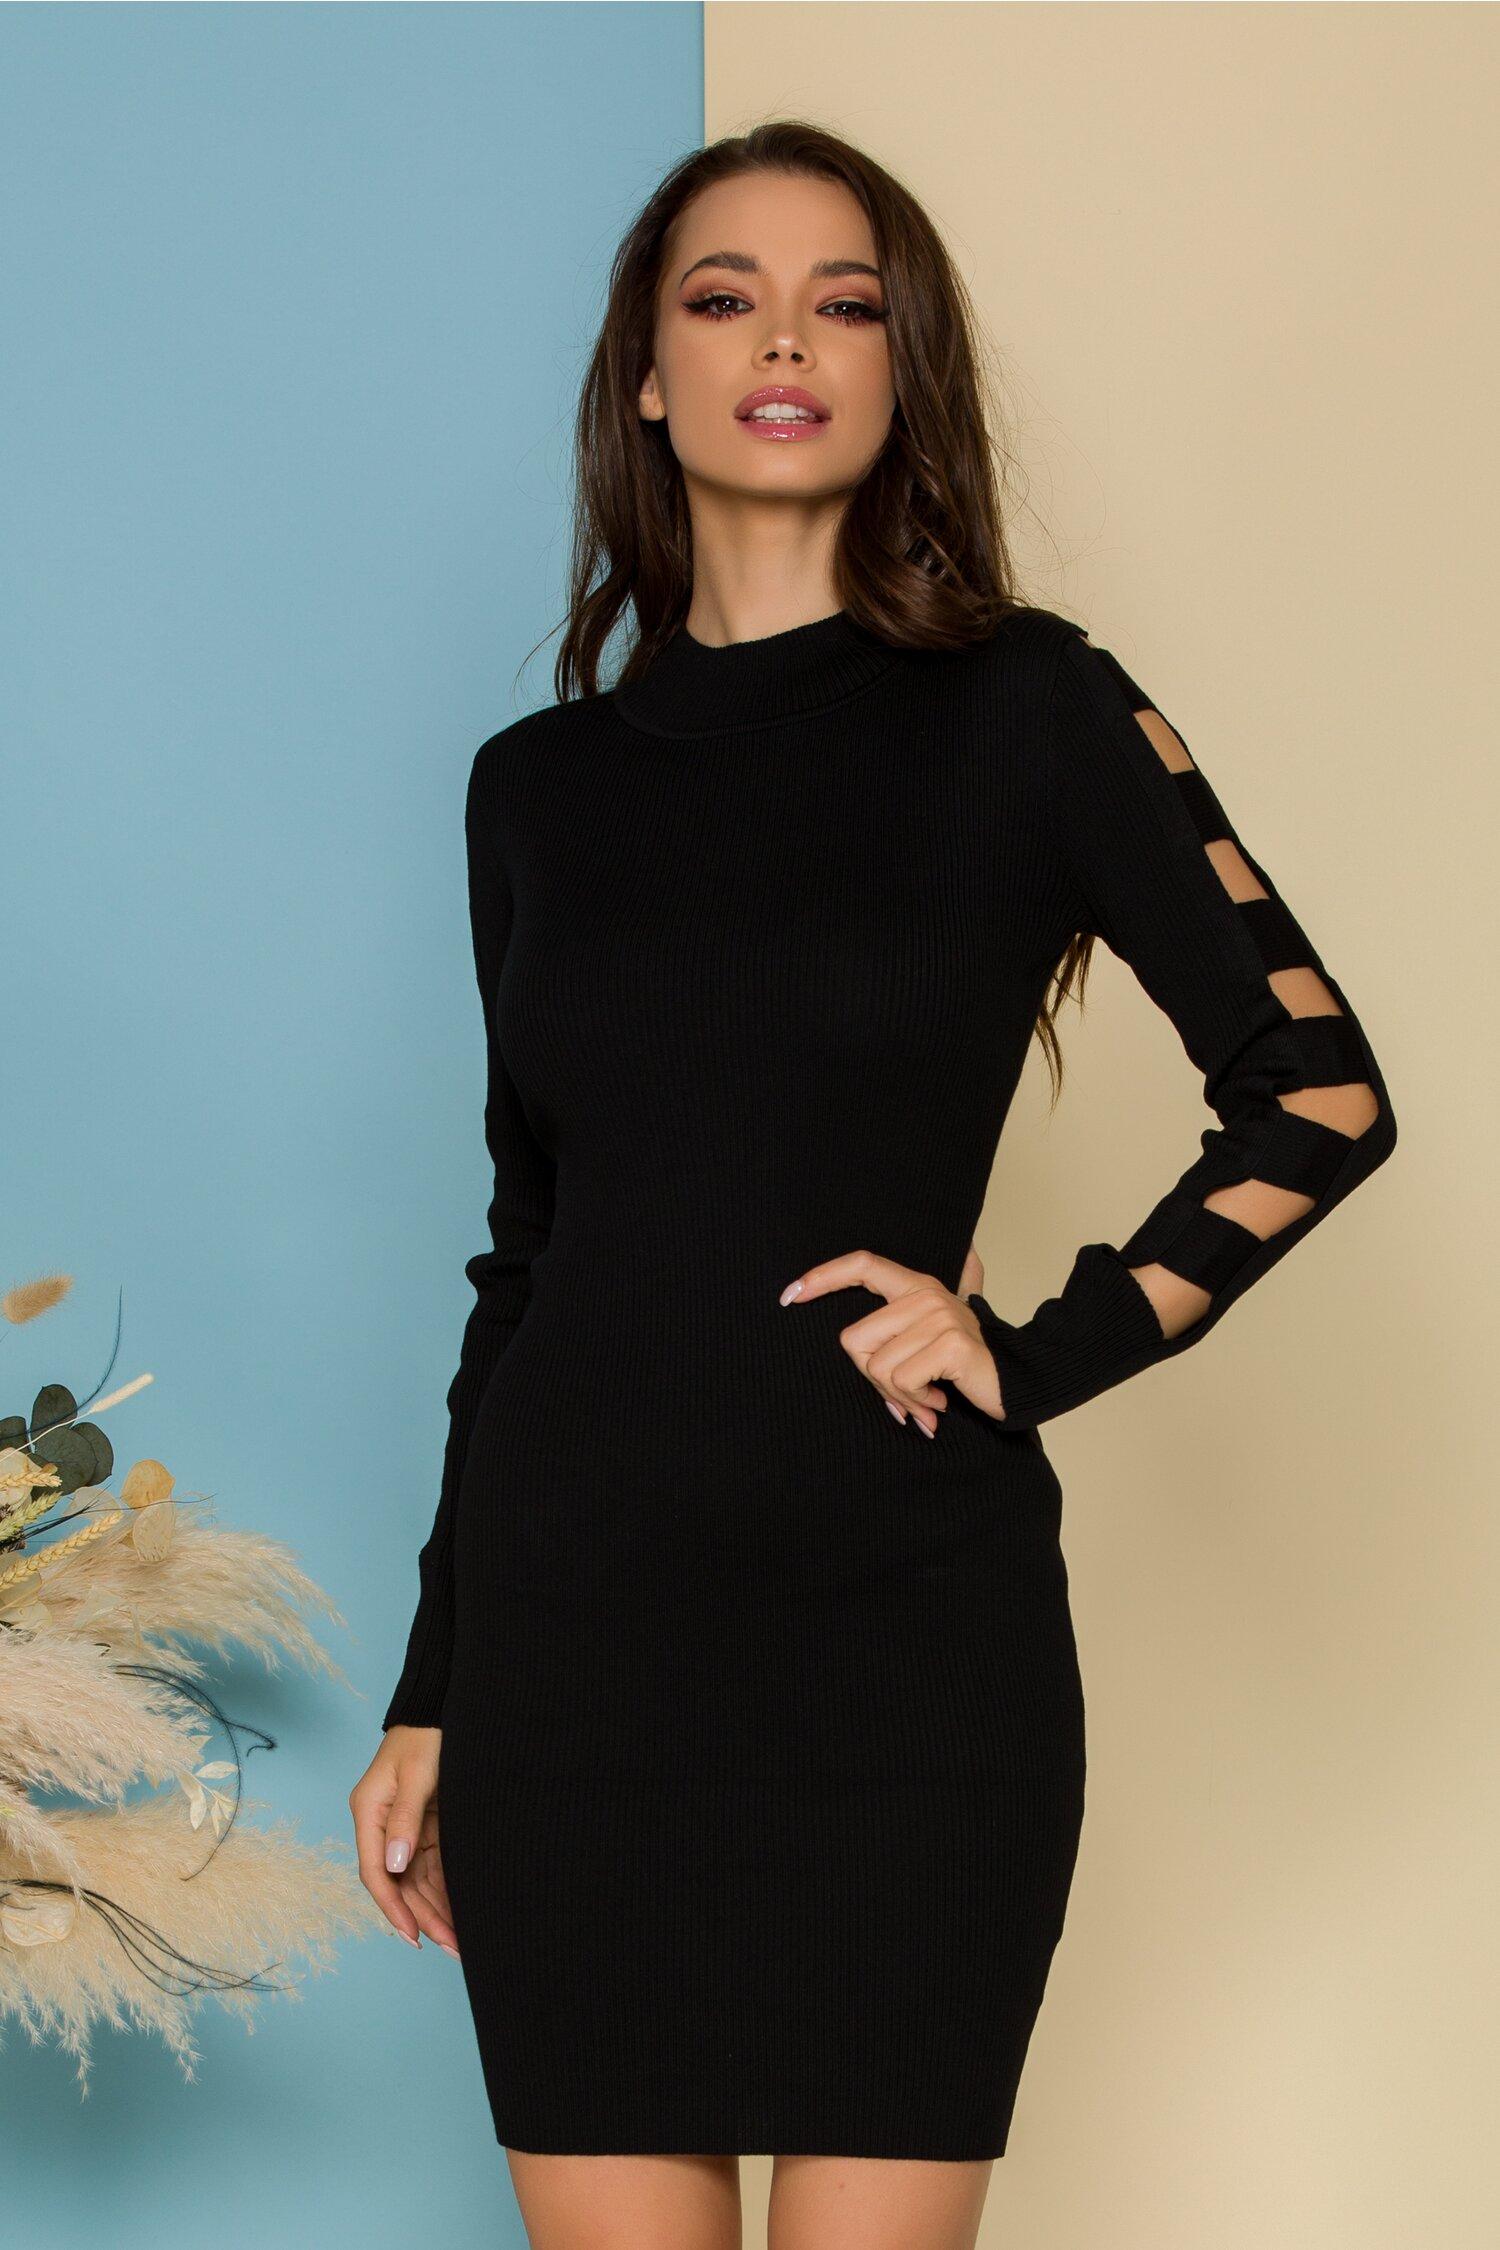 Rochie Conny neagra tricotata cu manecile decupate